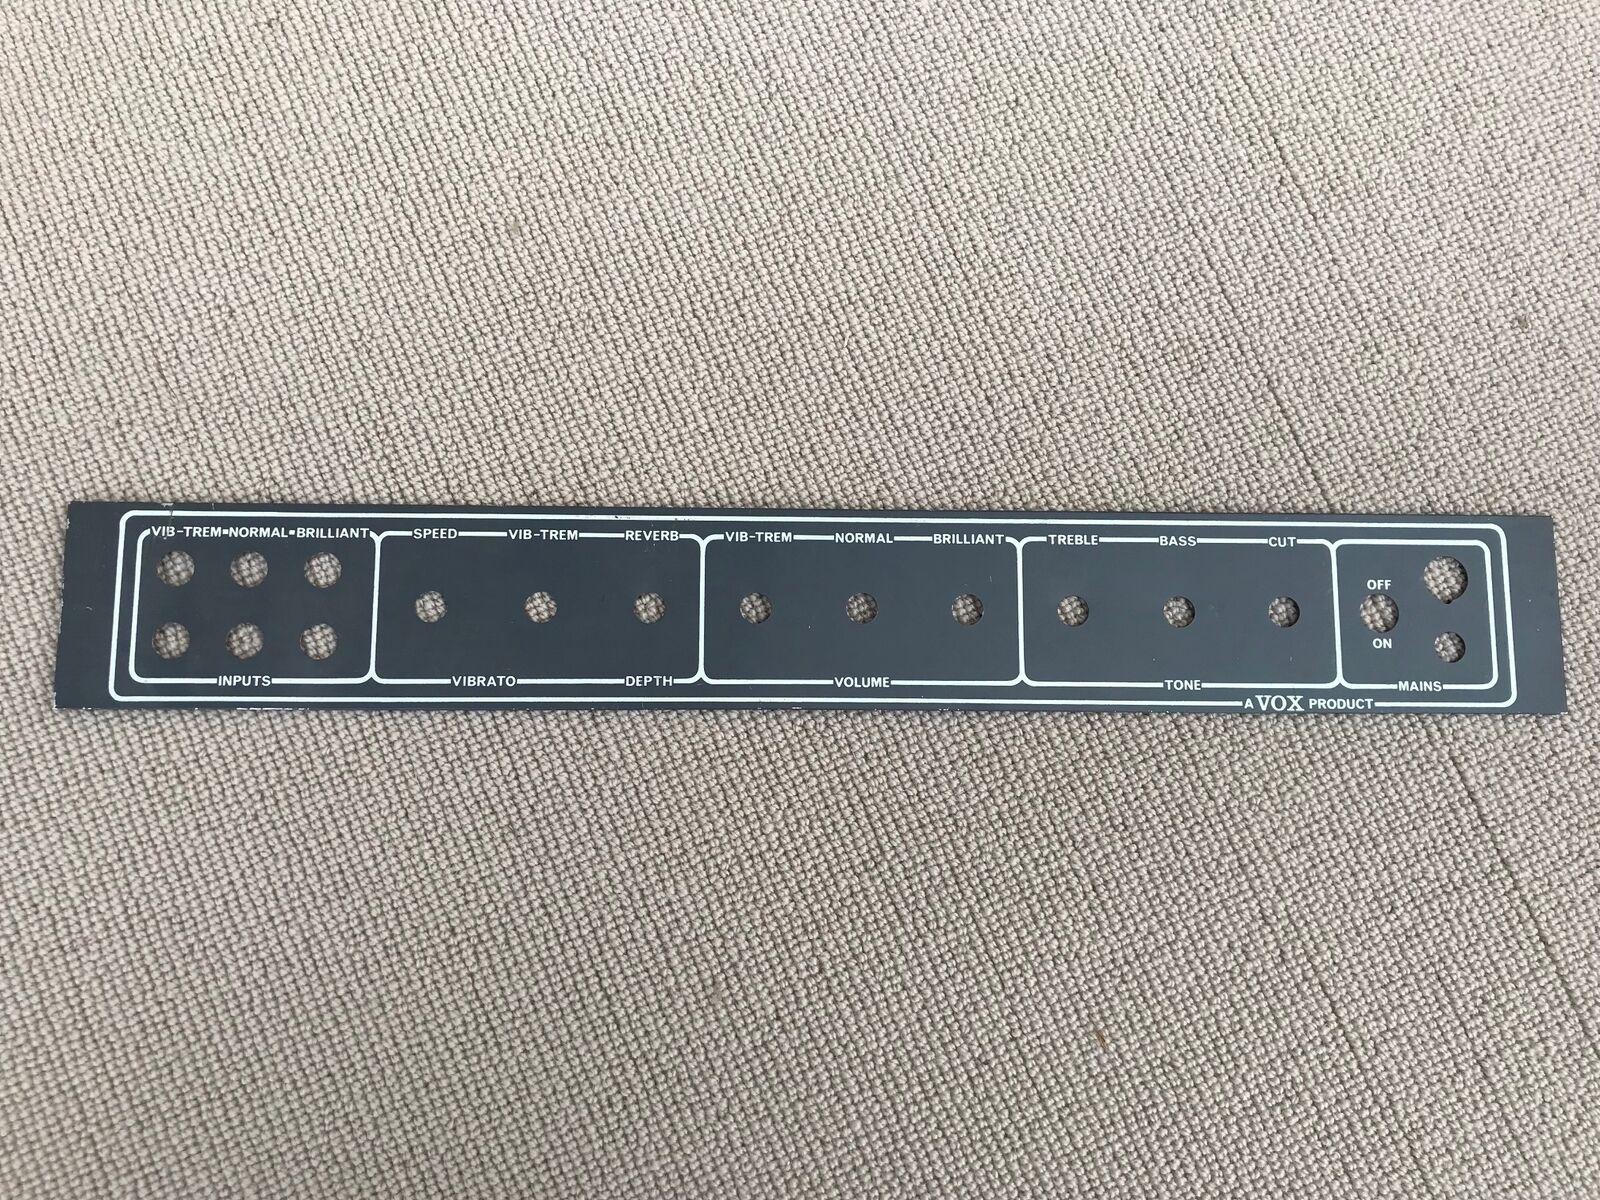 1970 - 1975 Vox AC30 Control Panel